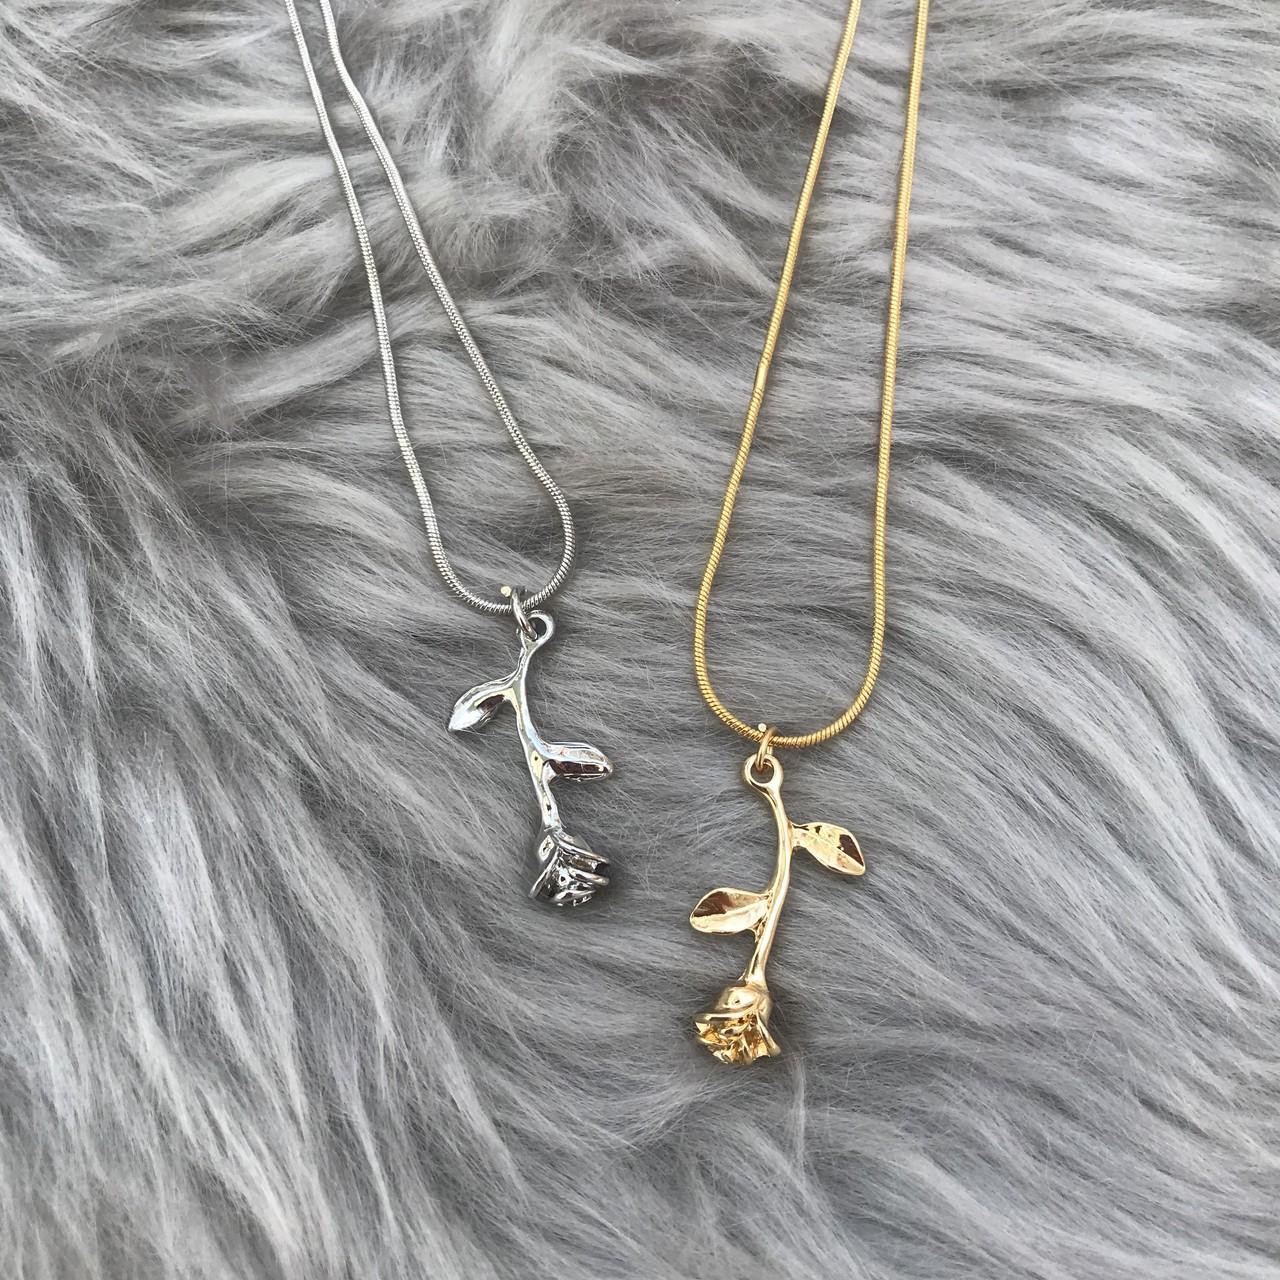 【Cat & Parfum】Rose Charm Necklace